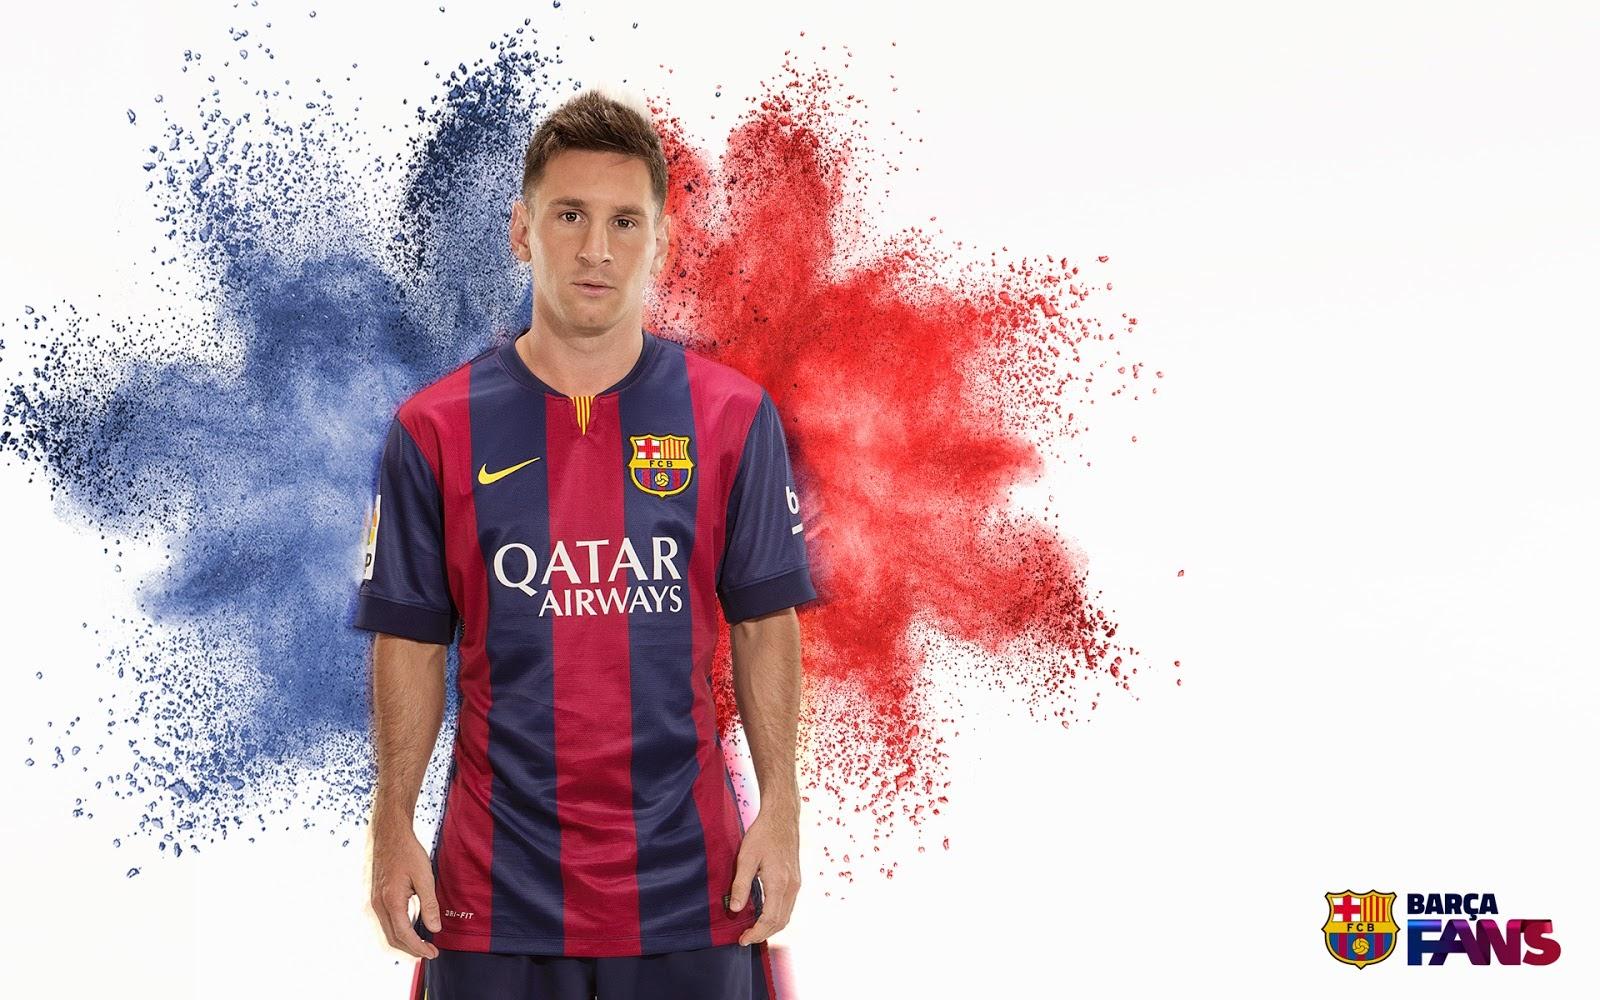 Kumpulan Gambar Logo Wallpaper Barcelona Fc Terbaru Fc